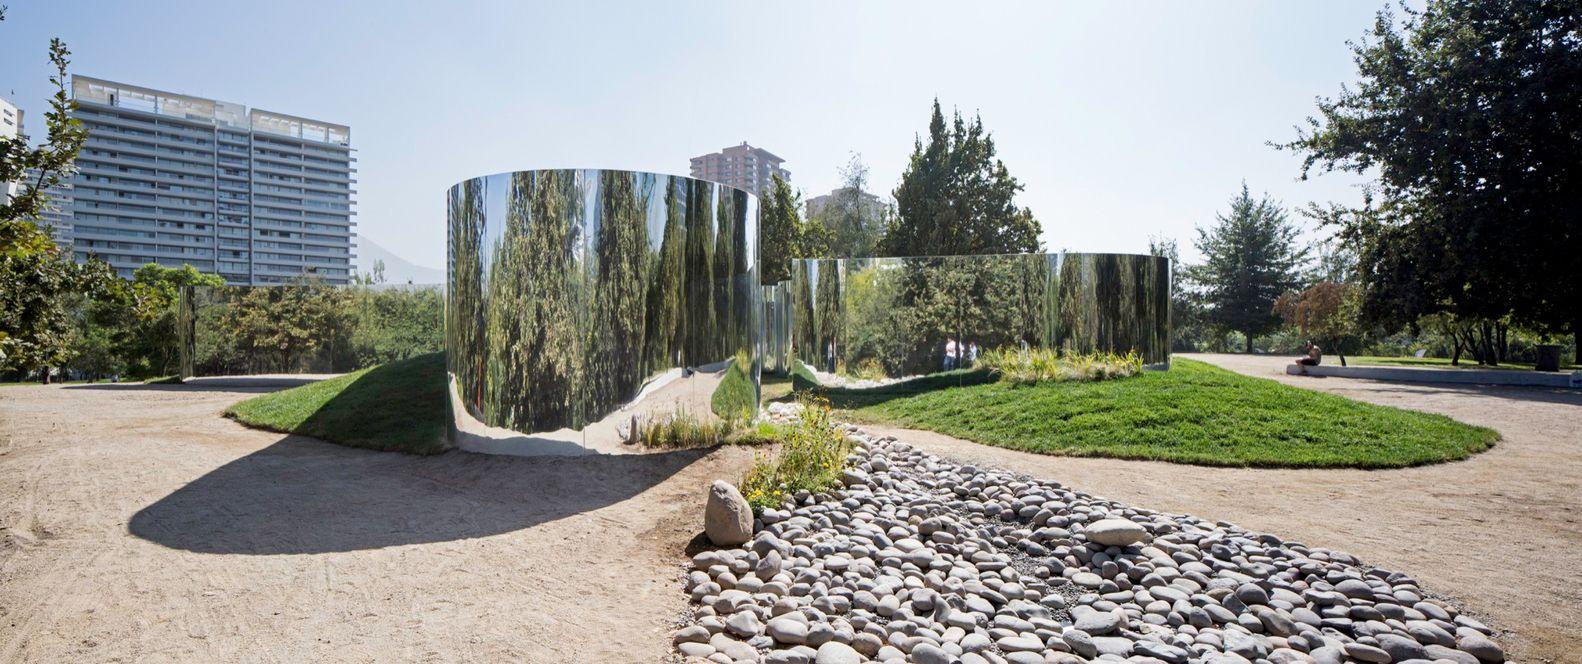 """Gallery of YAP_Constructo 6 """"Your Reflection"""" / Guillermo Hevia García + Nicolás Urzúa Soler - 10"""